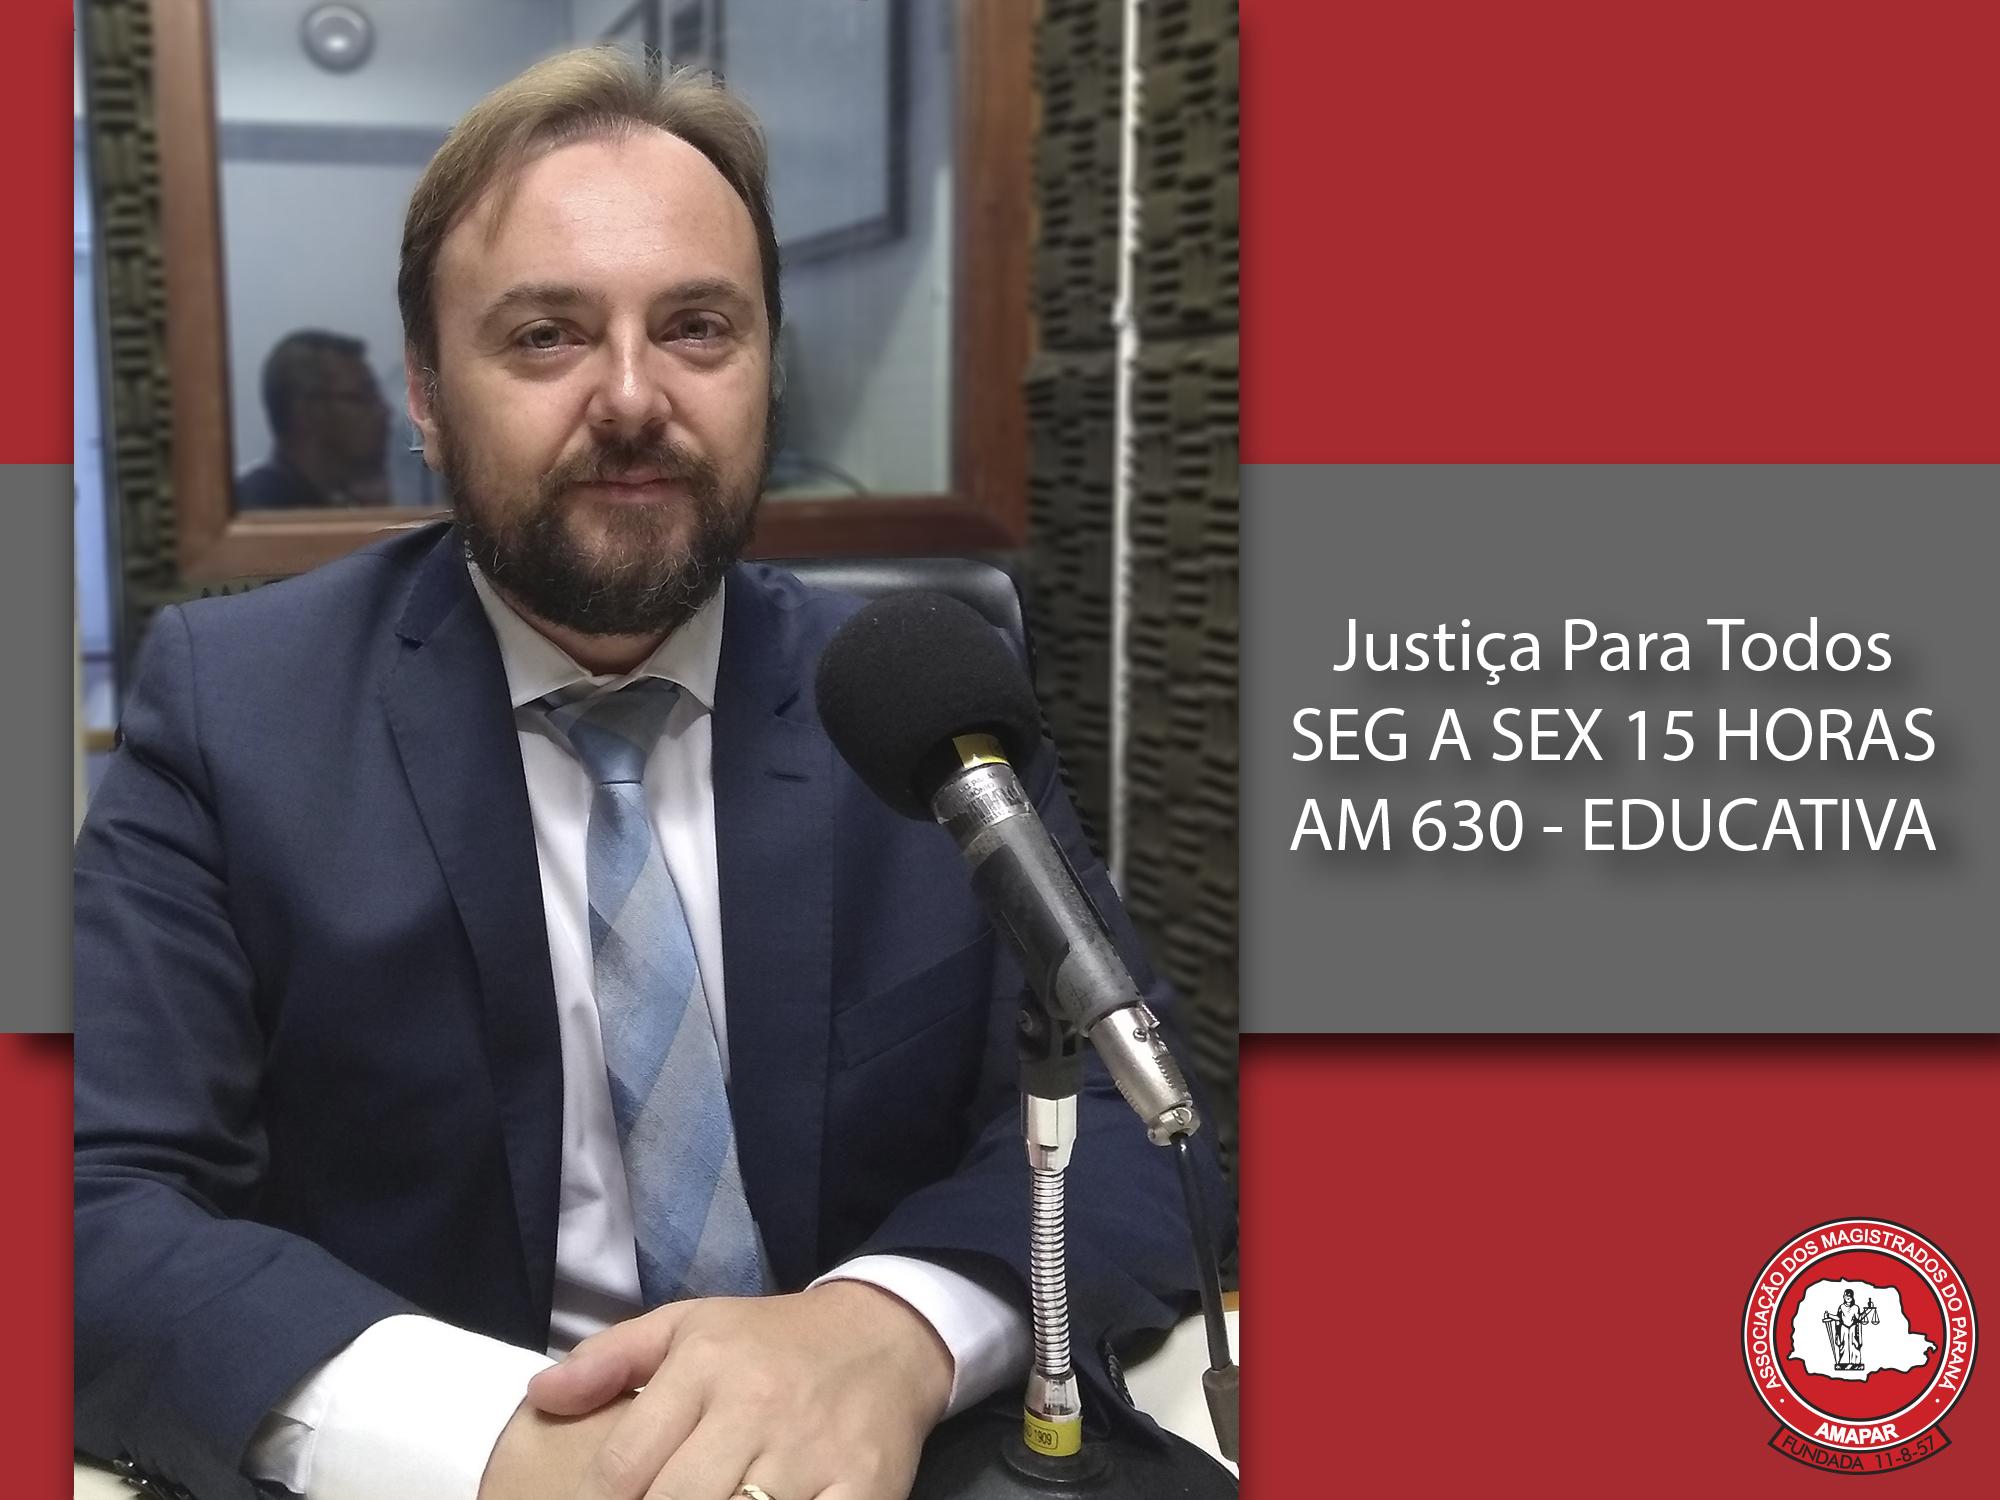 Justiça Para Todos traz informações sobre o trabalho desenvolvido pelo GAESP, do MPPR